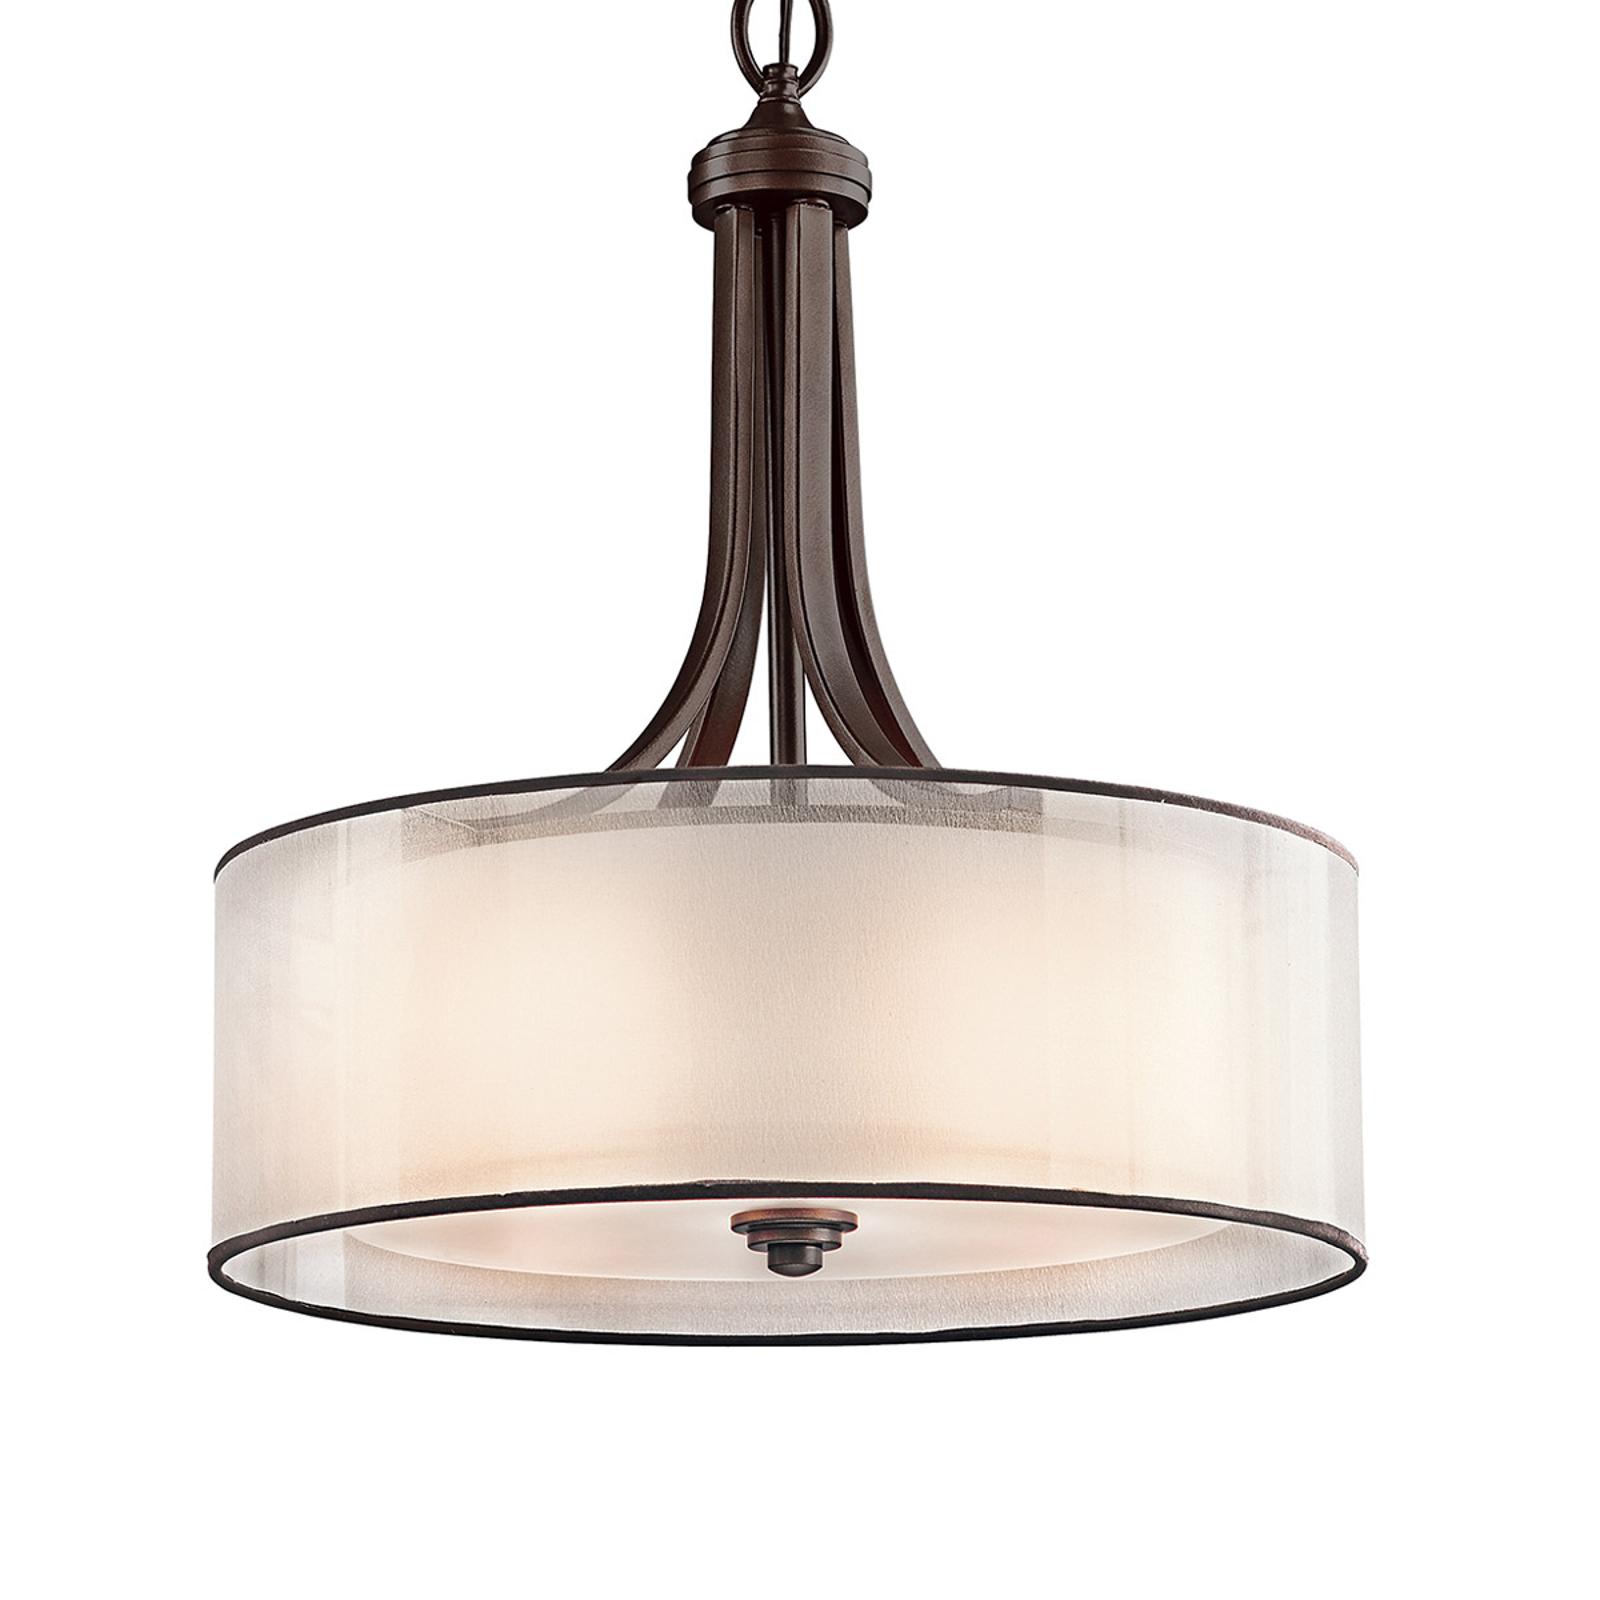 Závesná lampa Lacey s dvojitým tienidlom_3048286_1